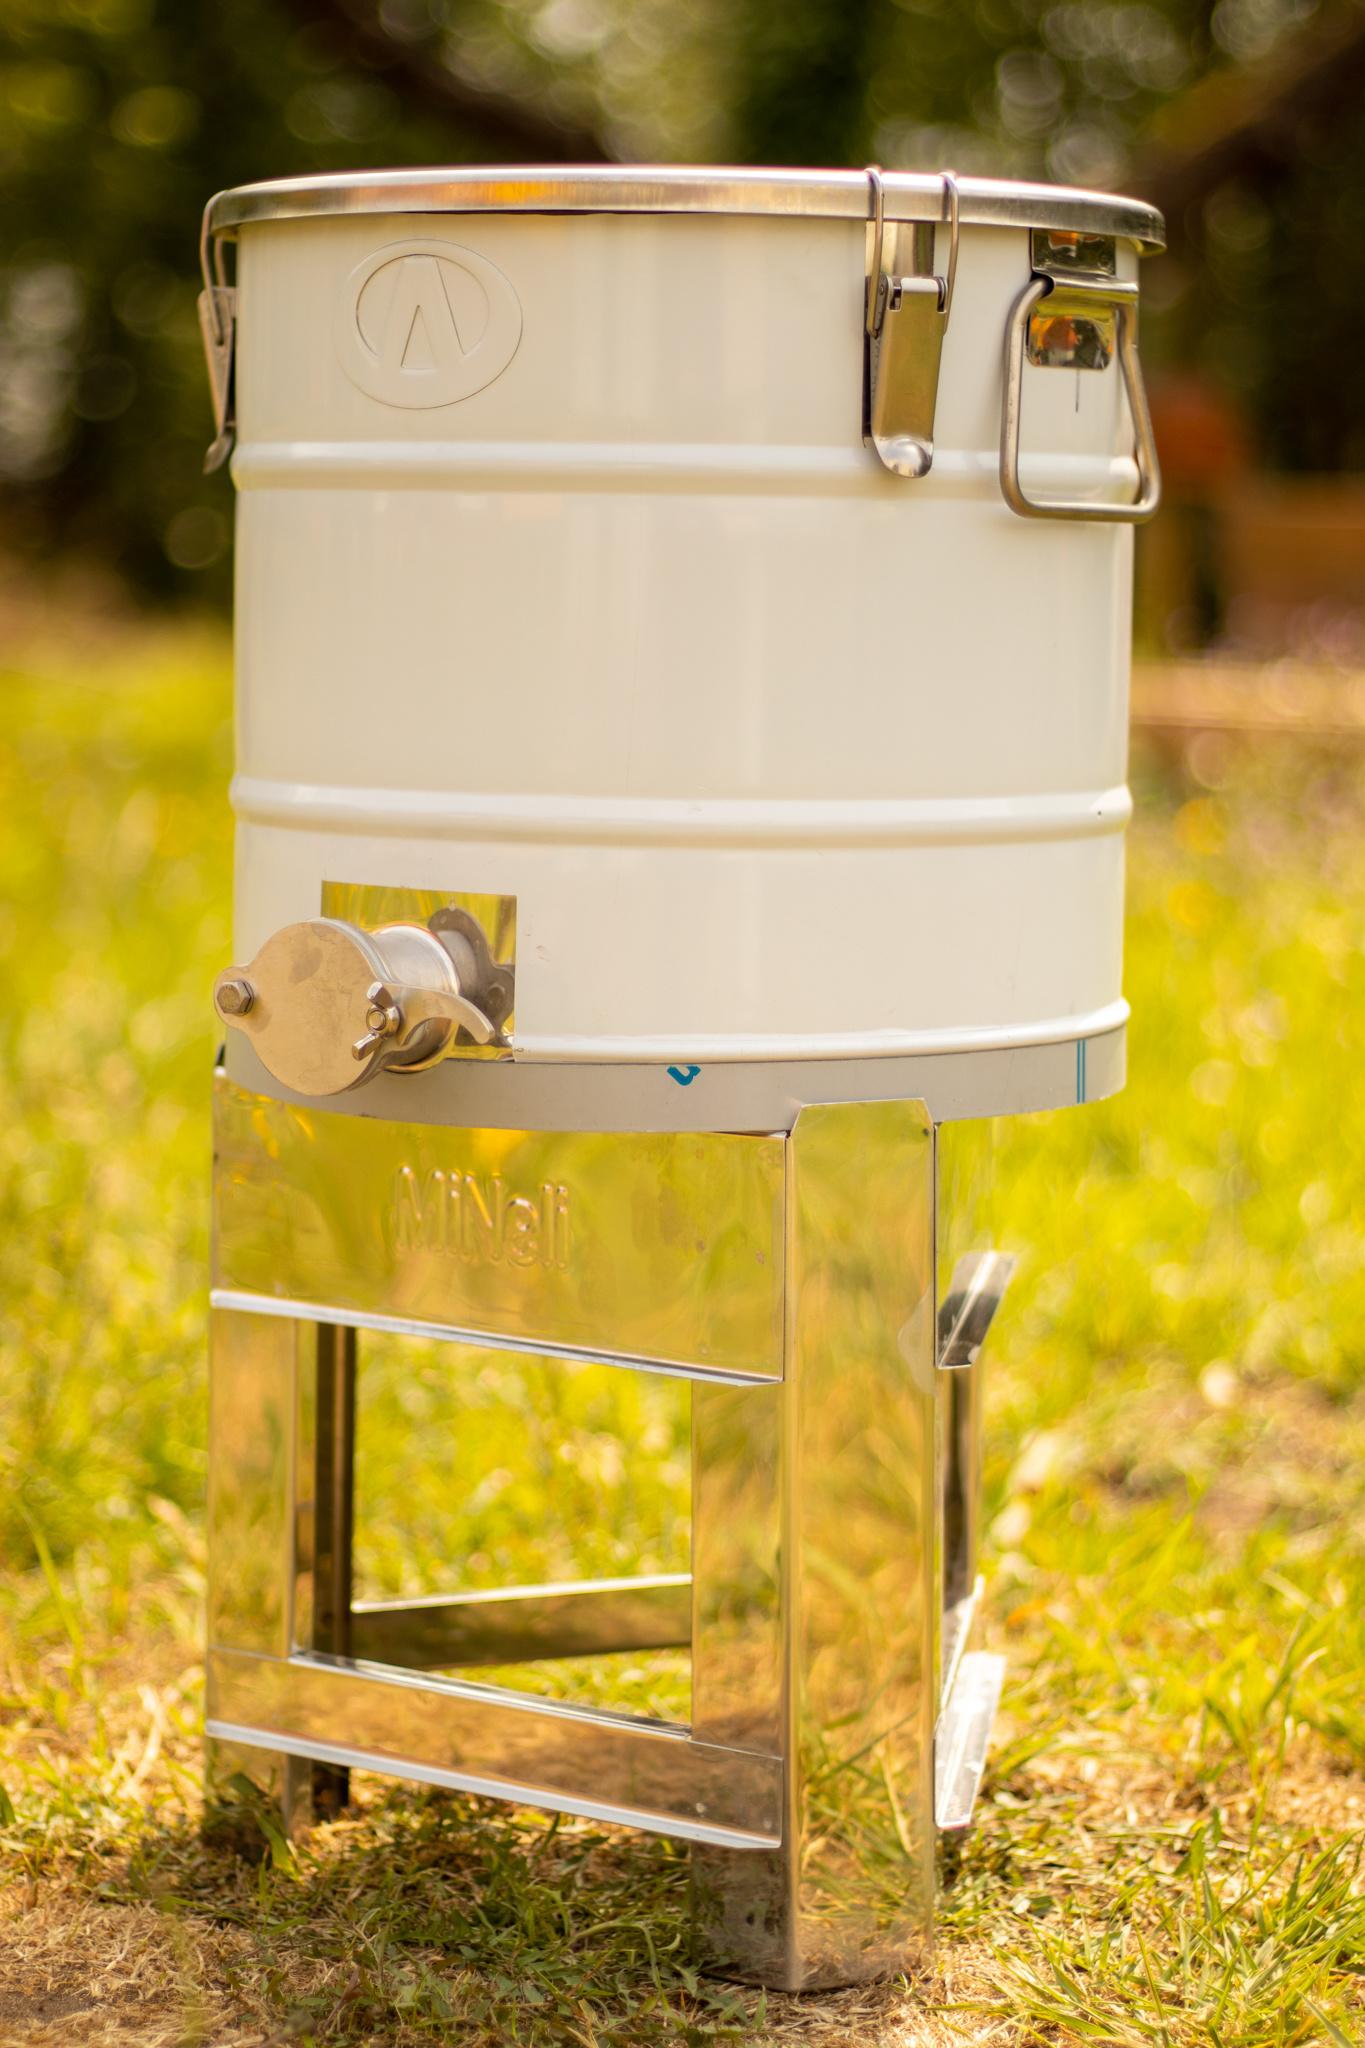 Apini rijper - 30 kg met inox snijkraan en hermetische dichting-3